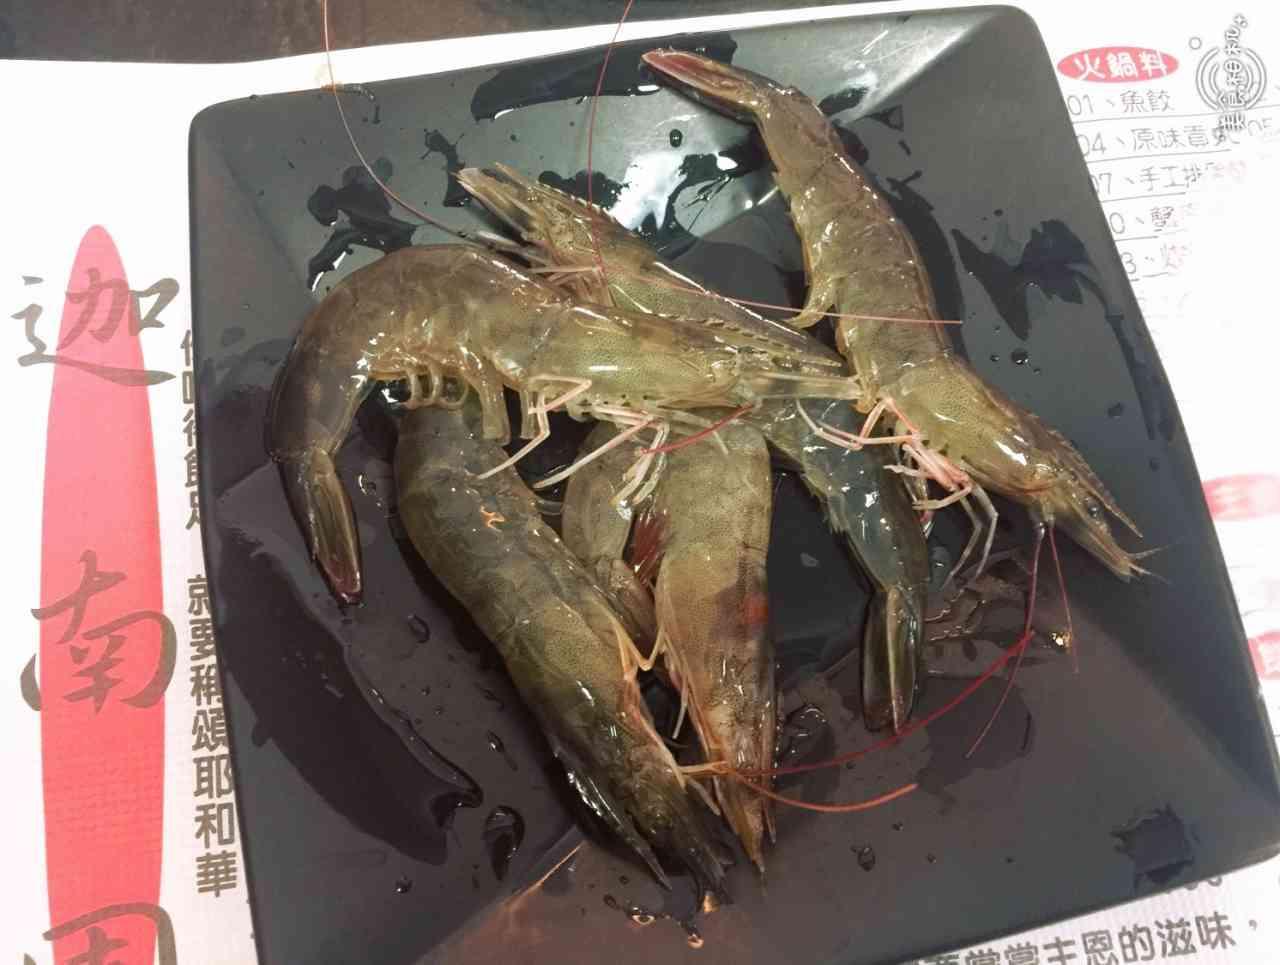 【台中 西屯】迦南園精緻日式涮涮鍋青海店